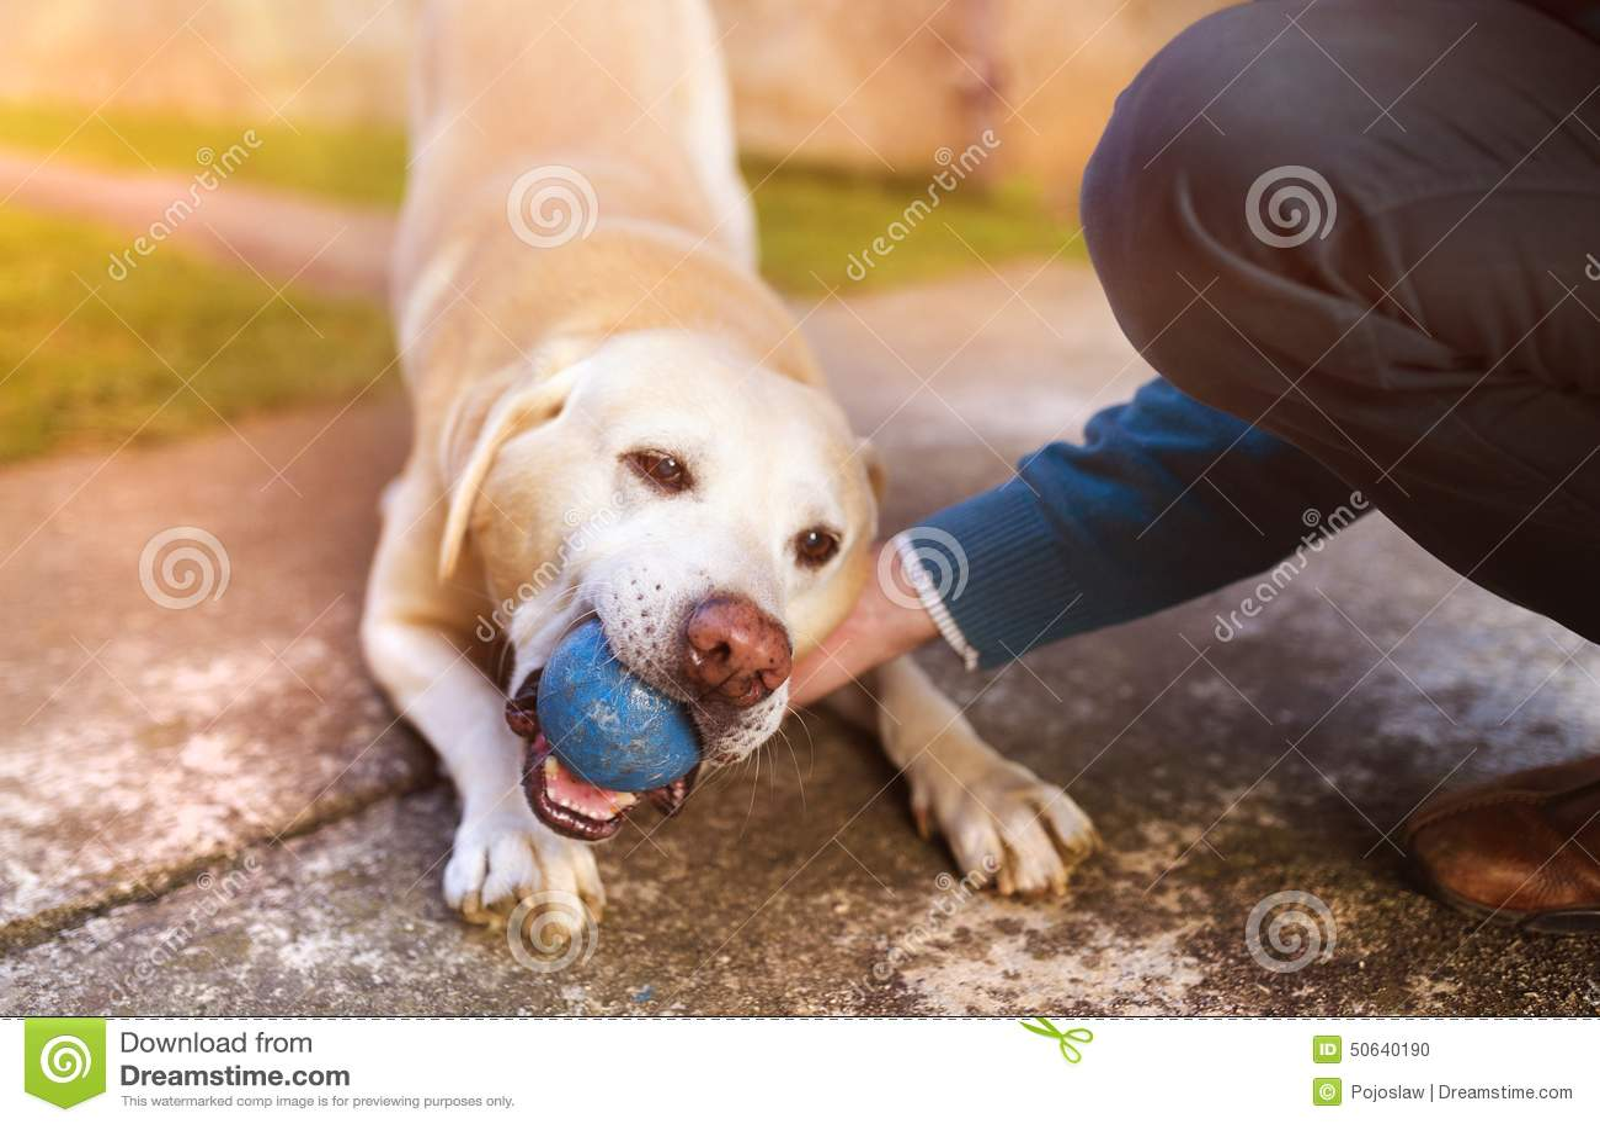 人和狗性交色情片_人和狗 库存照片 - 图片: 50640190